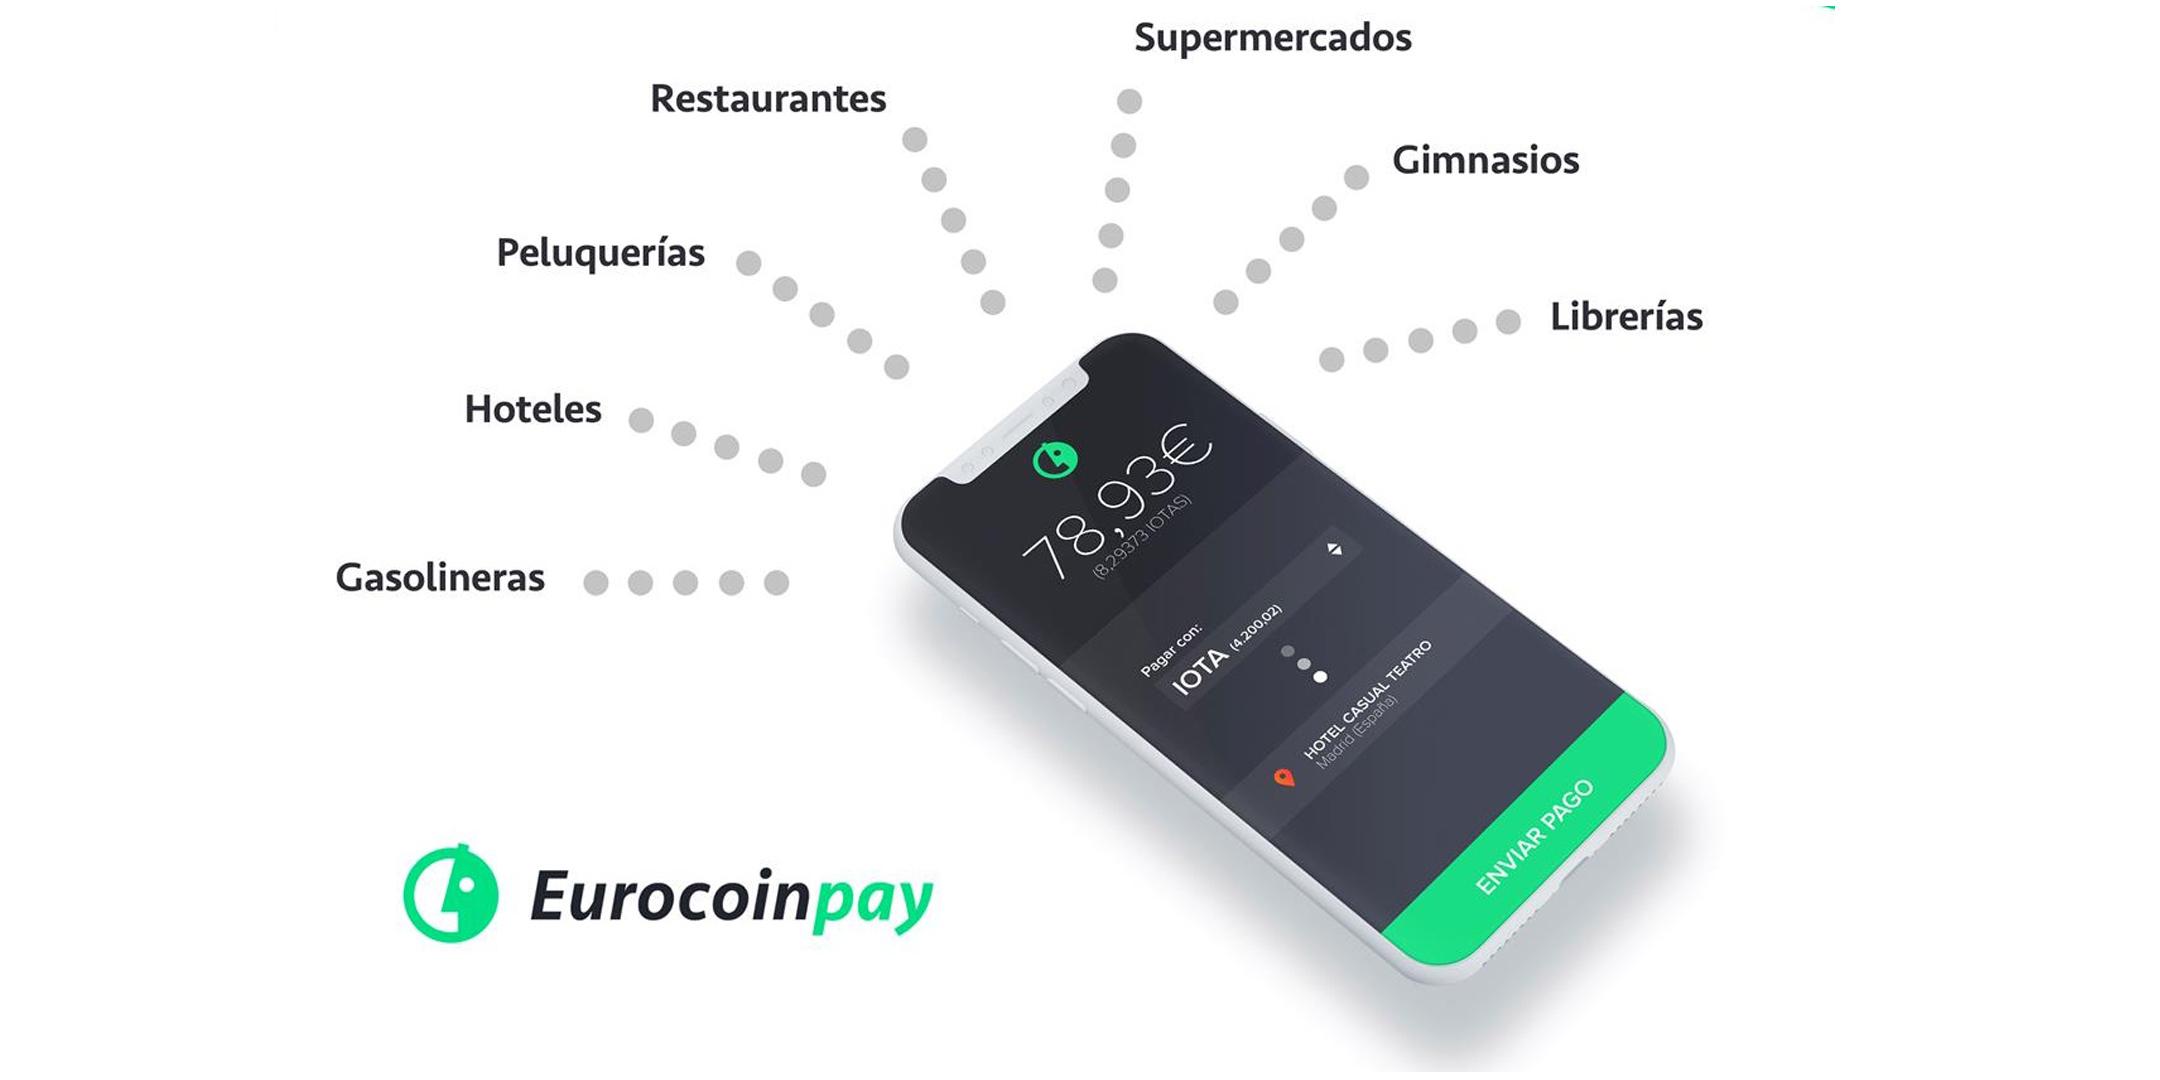 Más de 3.300 inversores apoyan la ICO de Eurocoinpay a falta de un mes para el lanzamiento de su criptomoneda